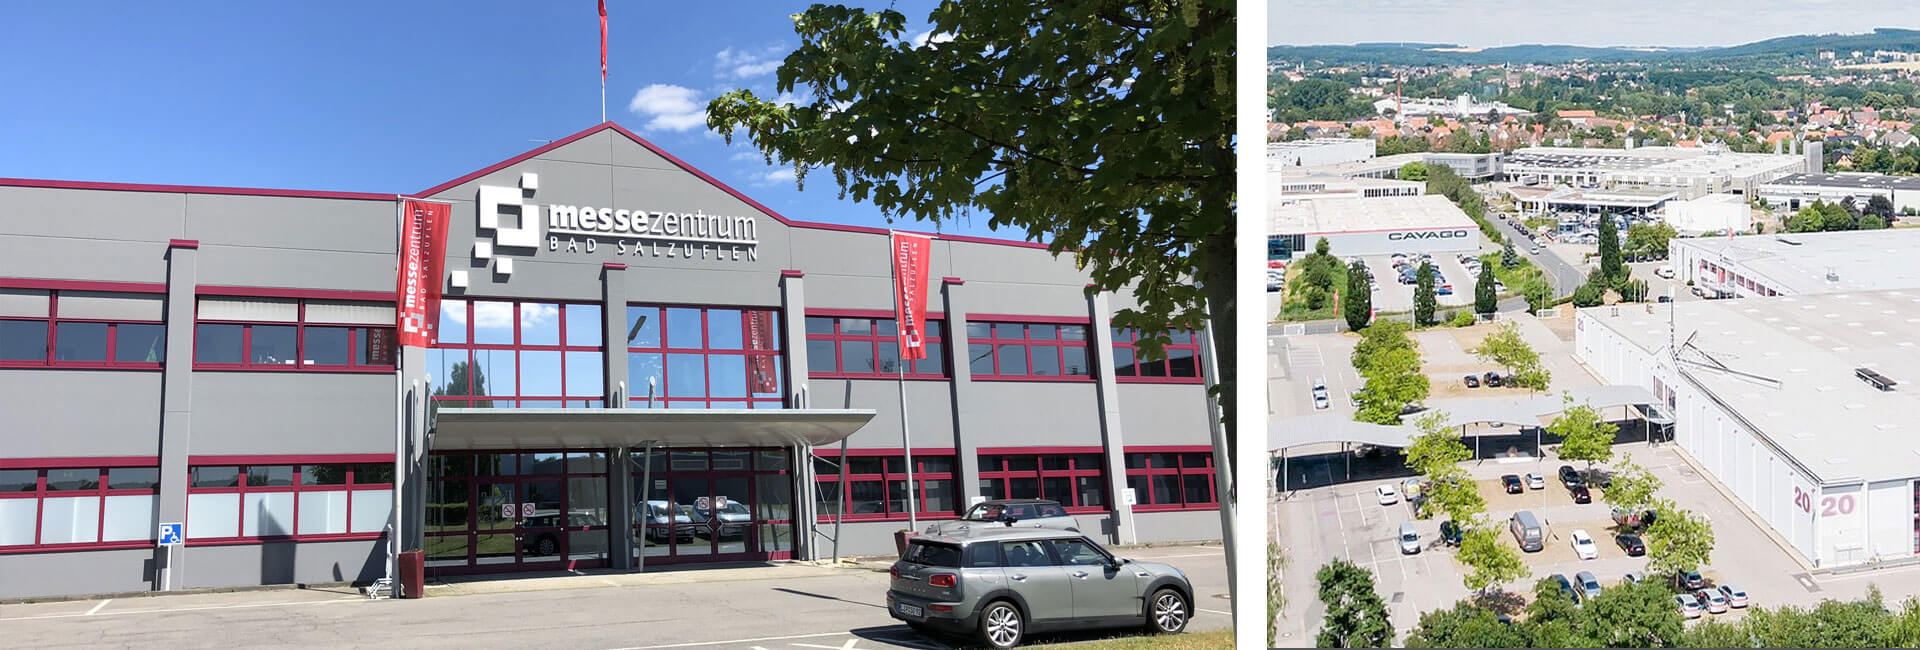 Fotocollage Messehallen und Eingang Messezentrum Bad Salzuflen